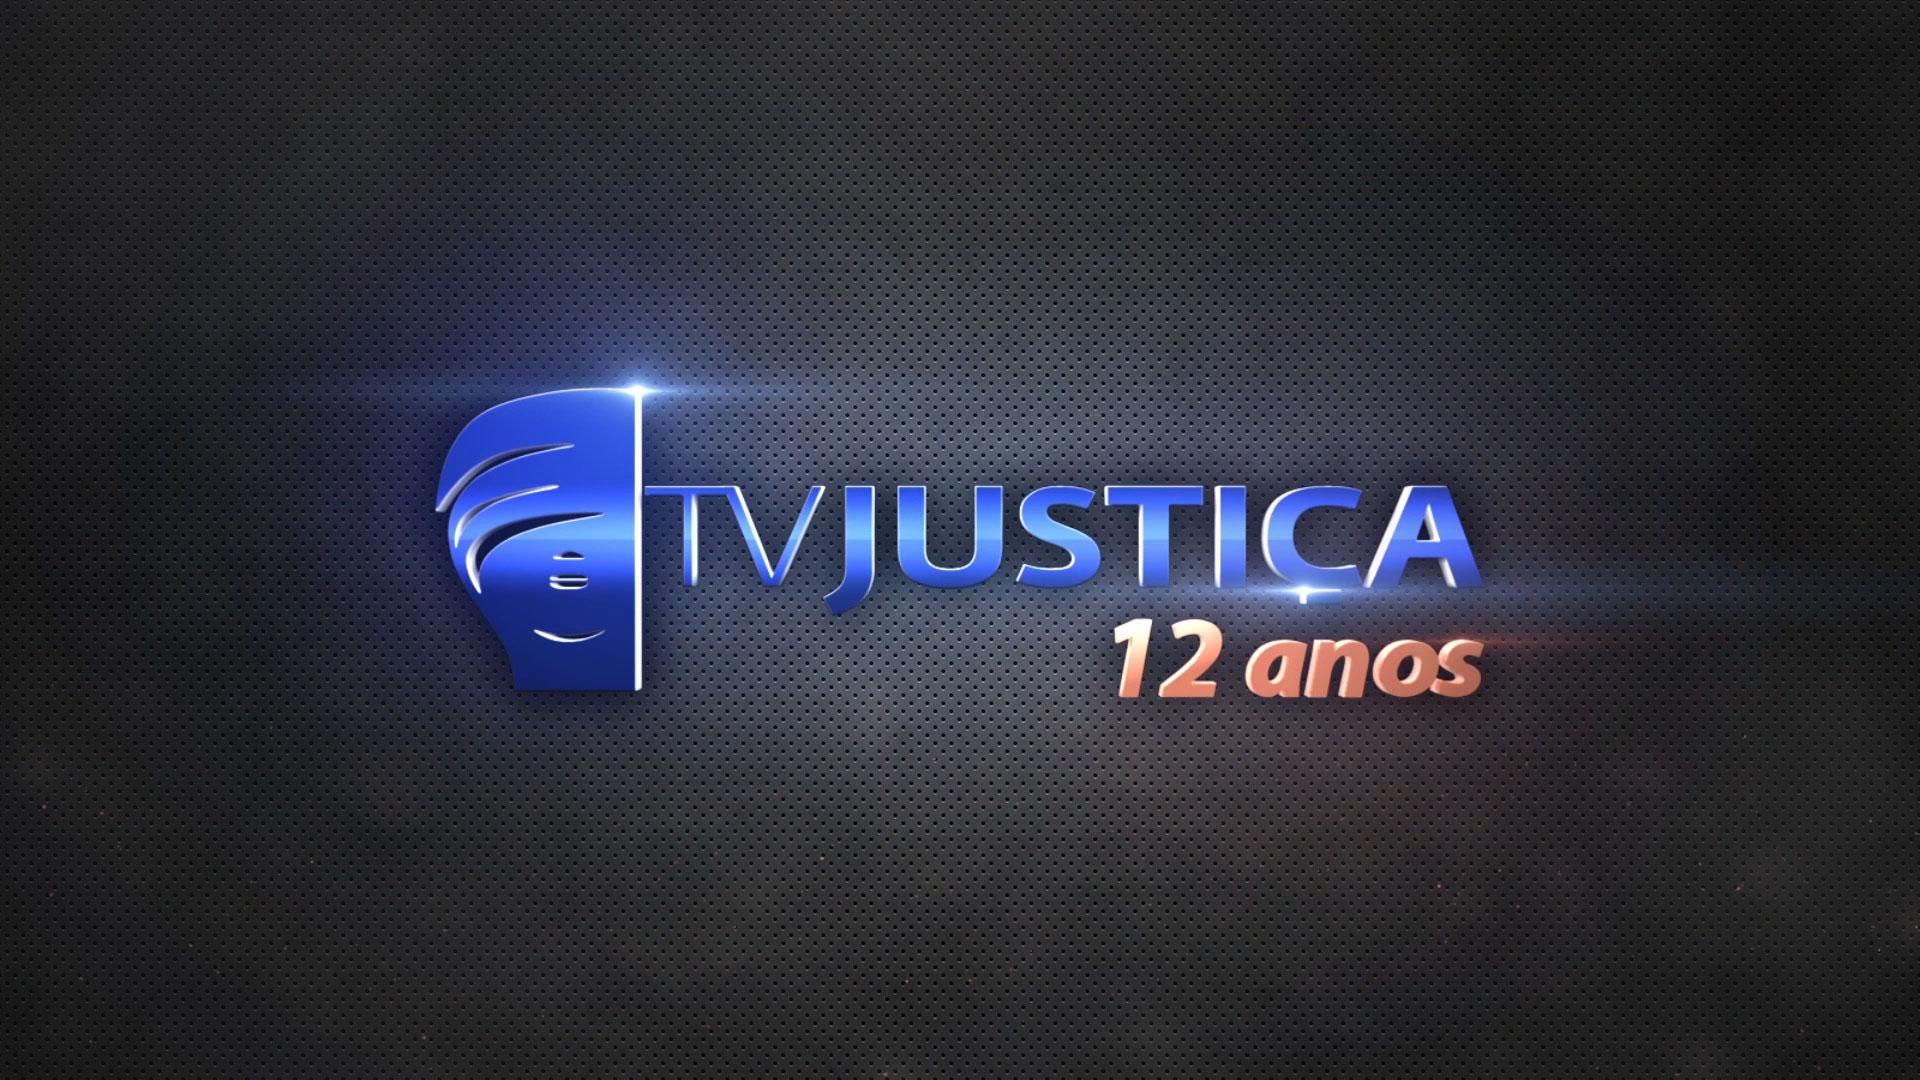 TV Justiça - 12 anos